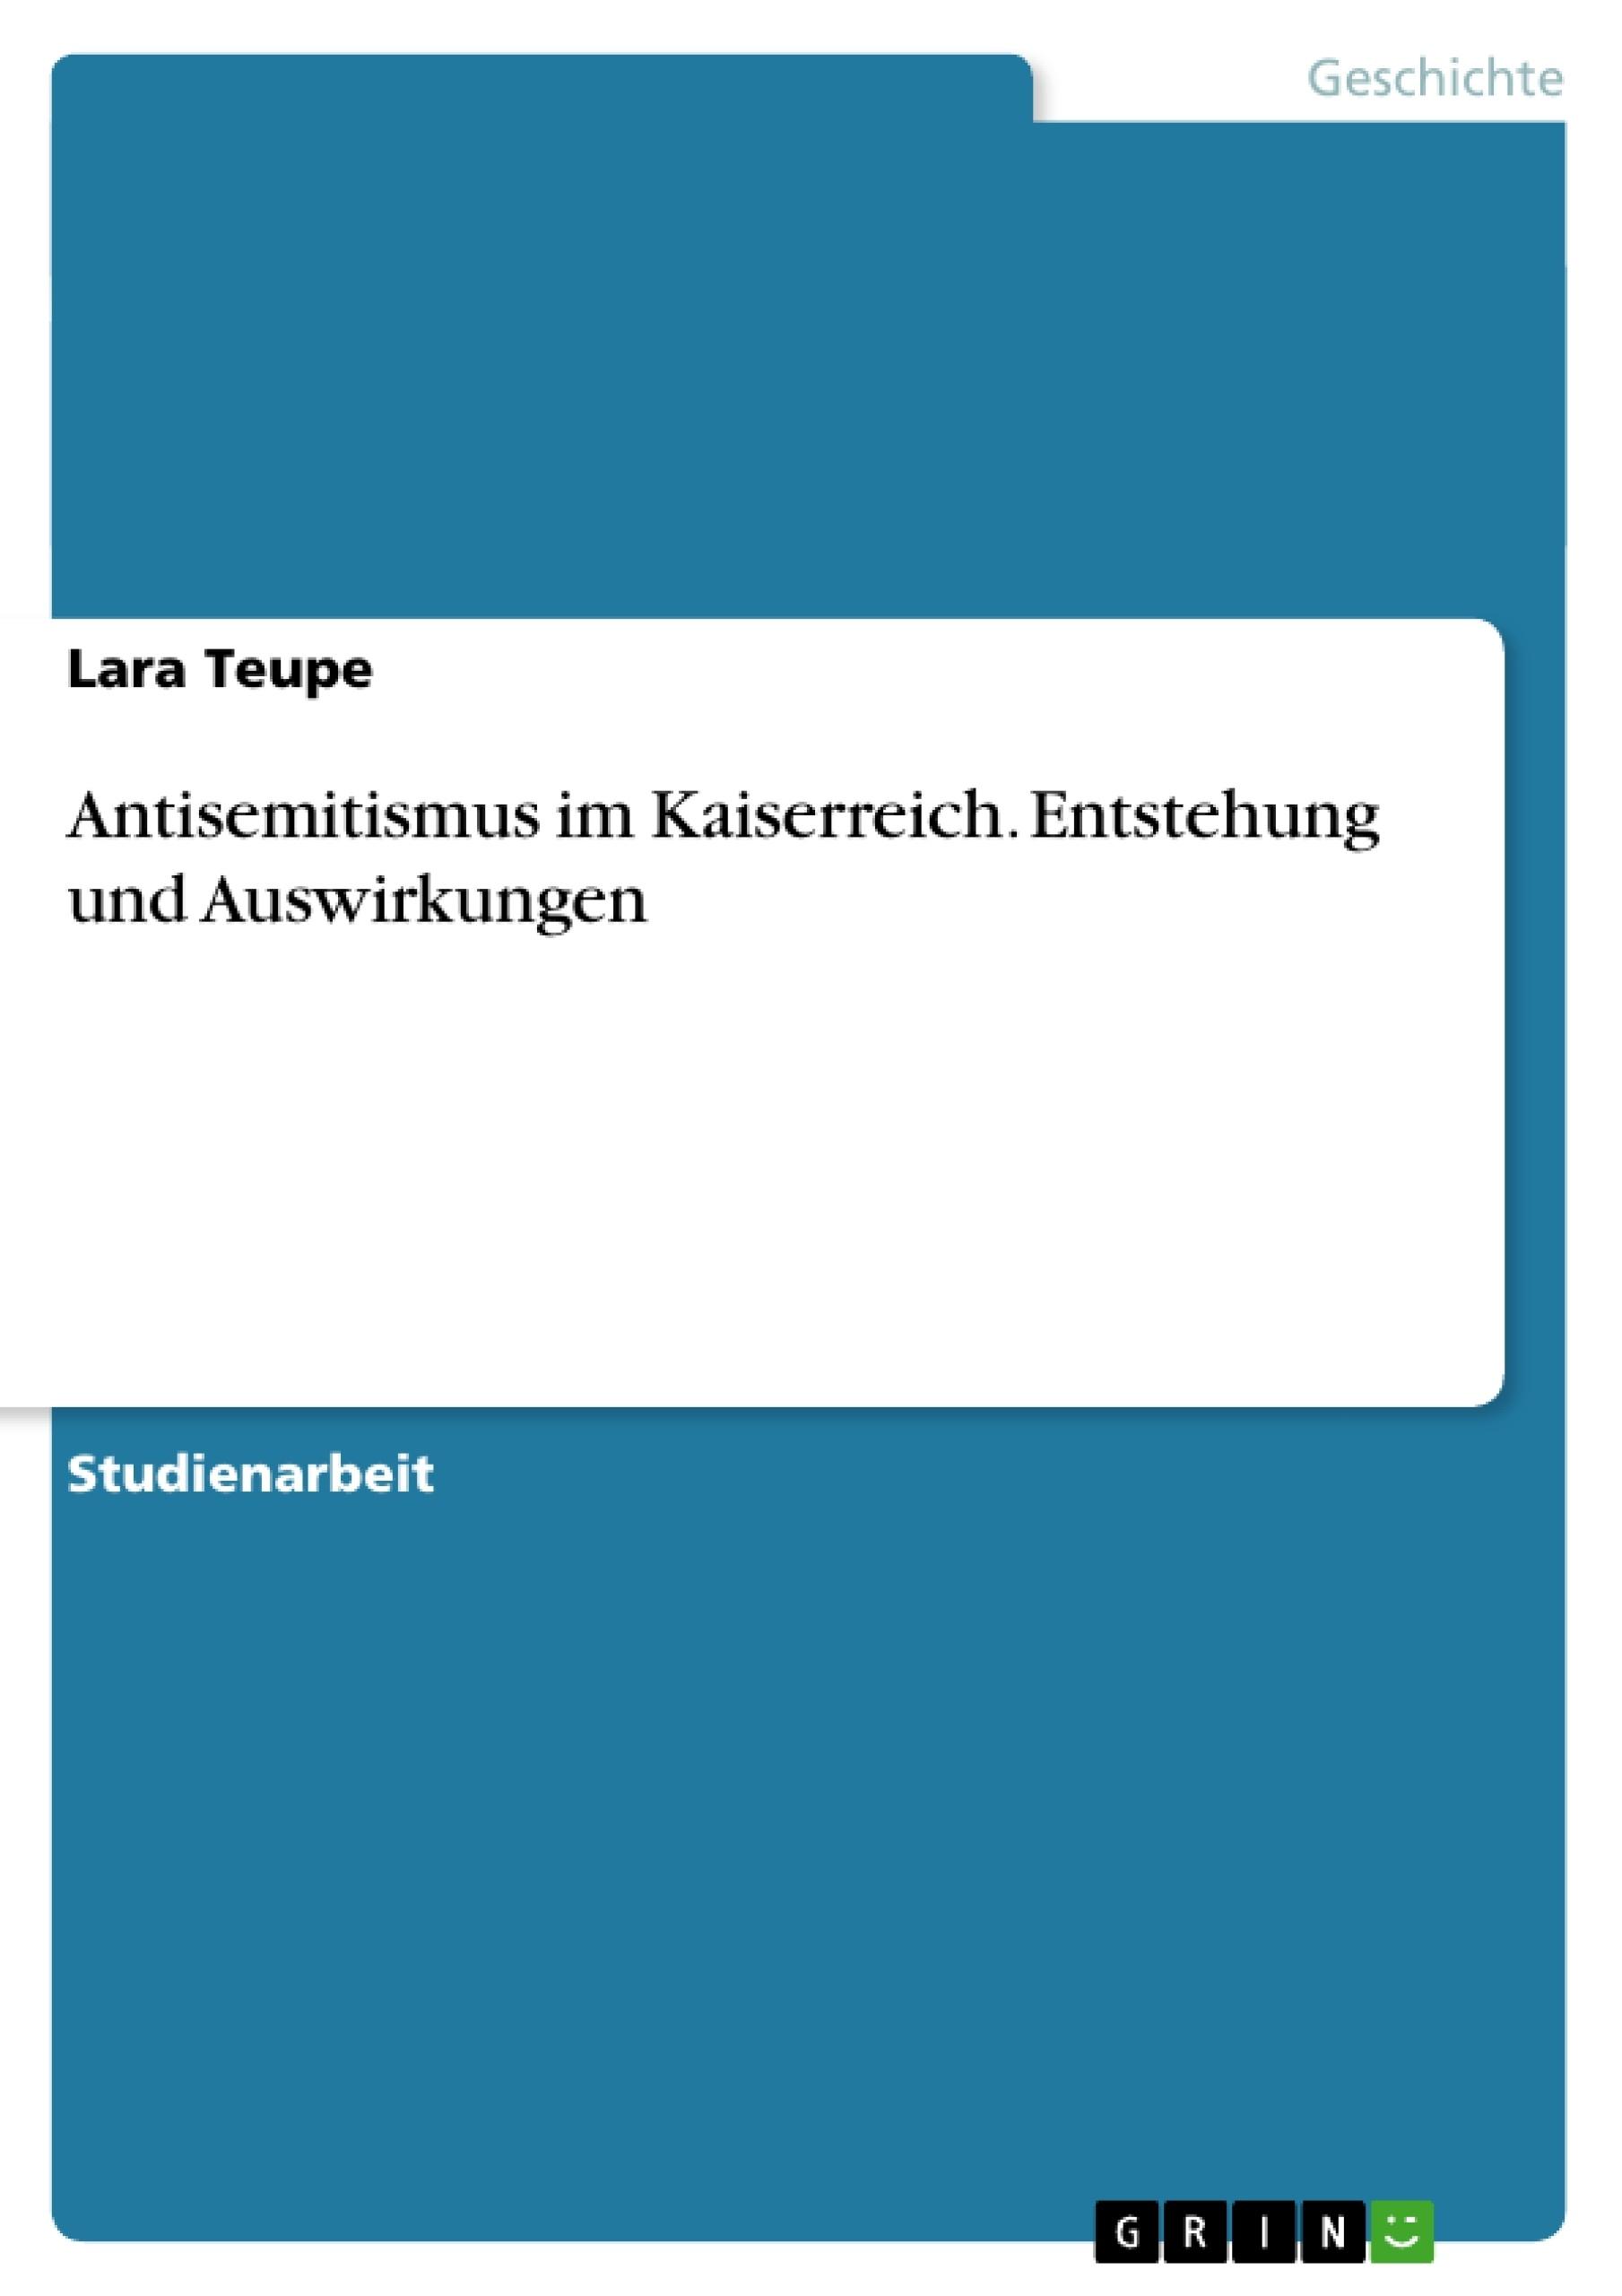 Titel: Antisemitismus im Kaiserreich. Entstehung und Auswirkungen